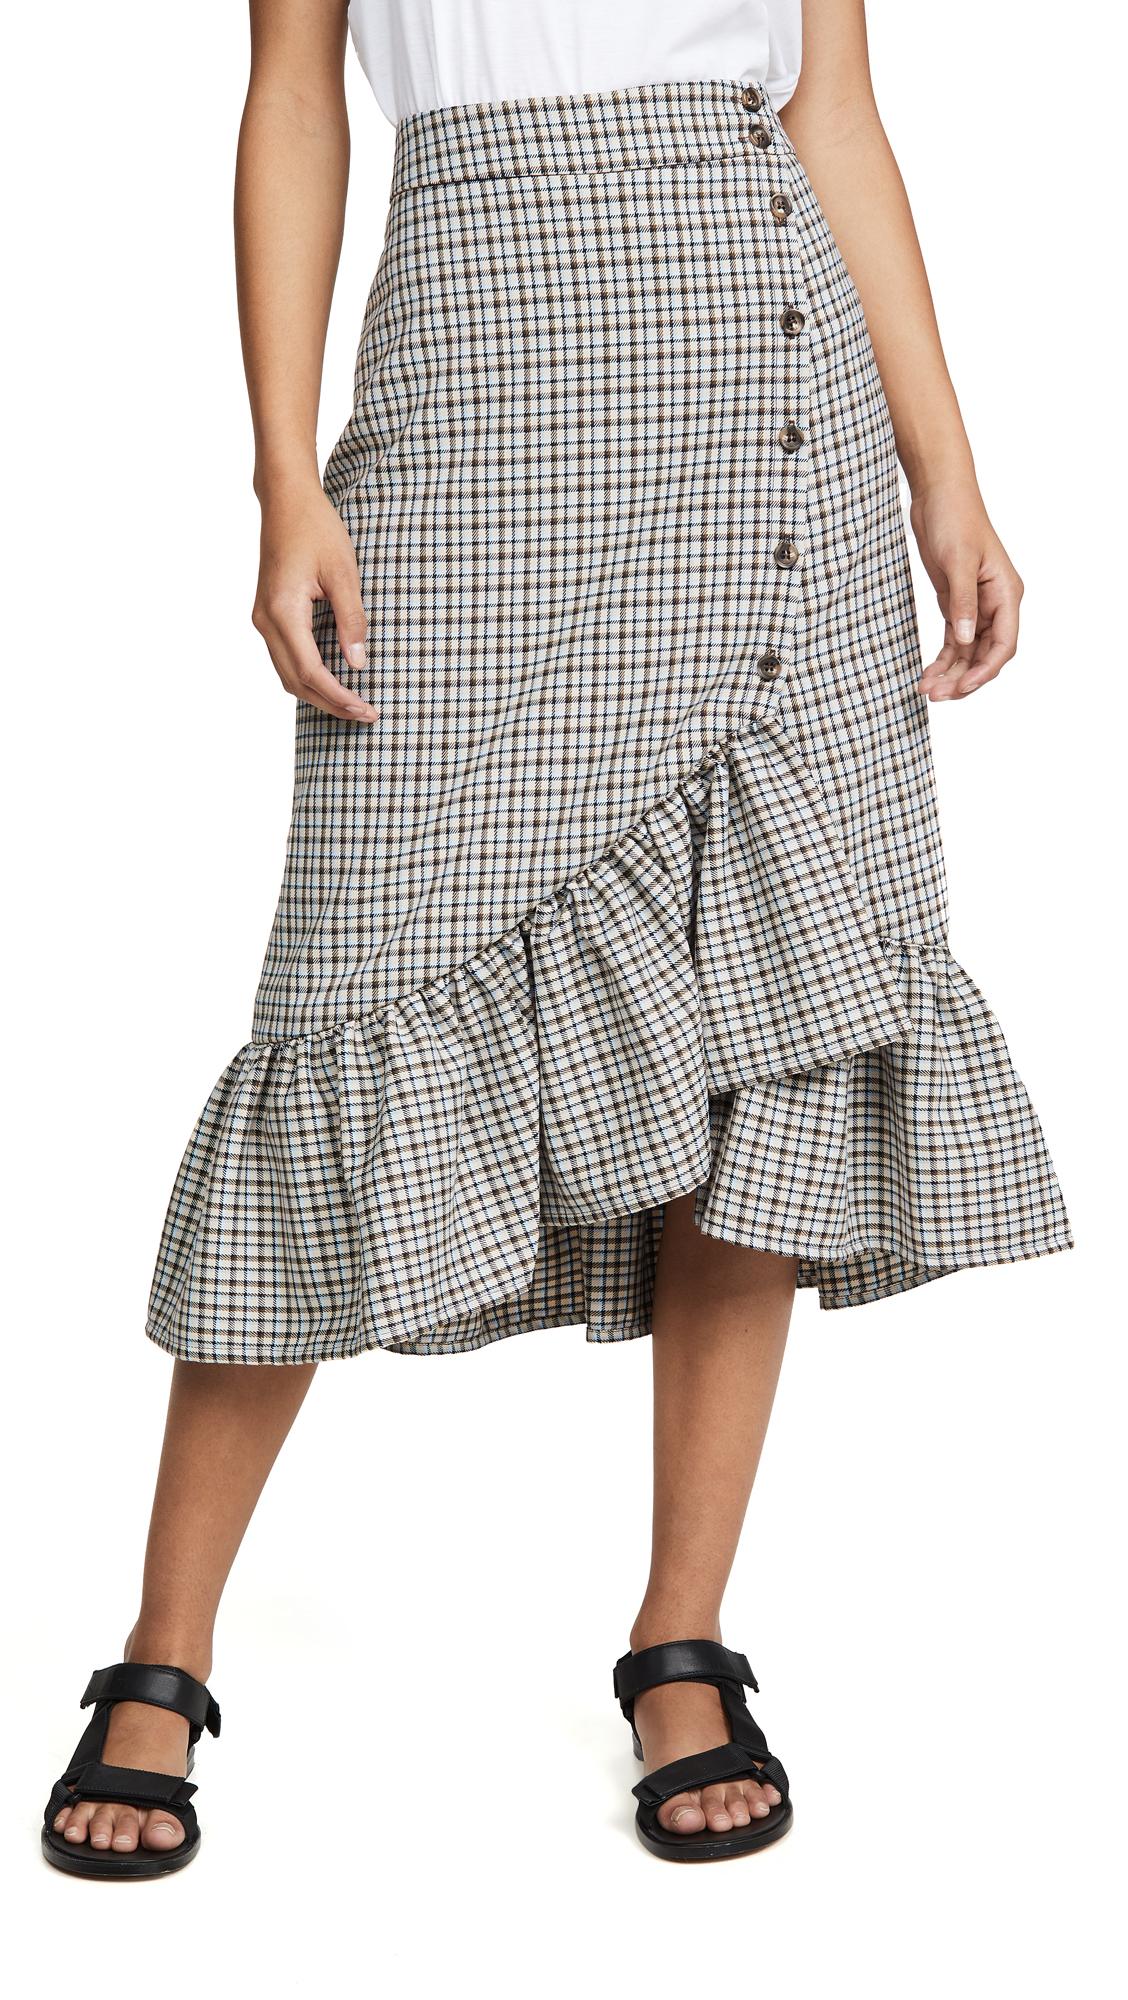 Buy BAUM UND PFERDGARTEN online - photo of BAUM UND PFERDGARTEN Silva Skirt